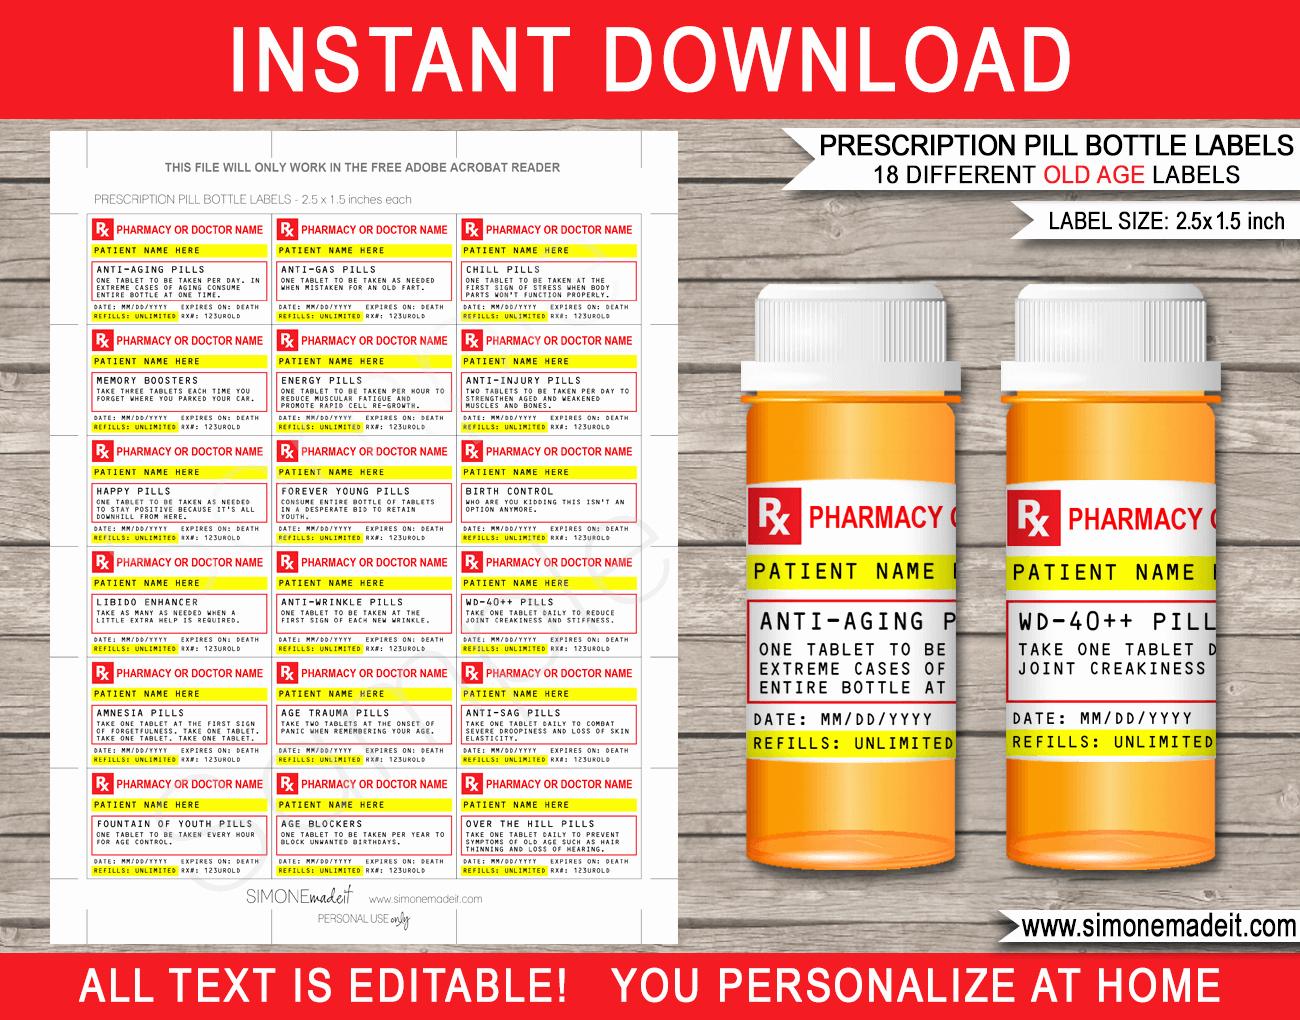 Printable Fake Prescription Labels Elegant Old Age Prescription Pill Bottle Labels Gag Gift